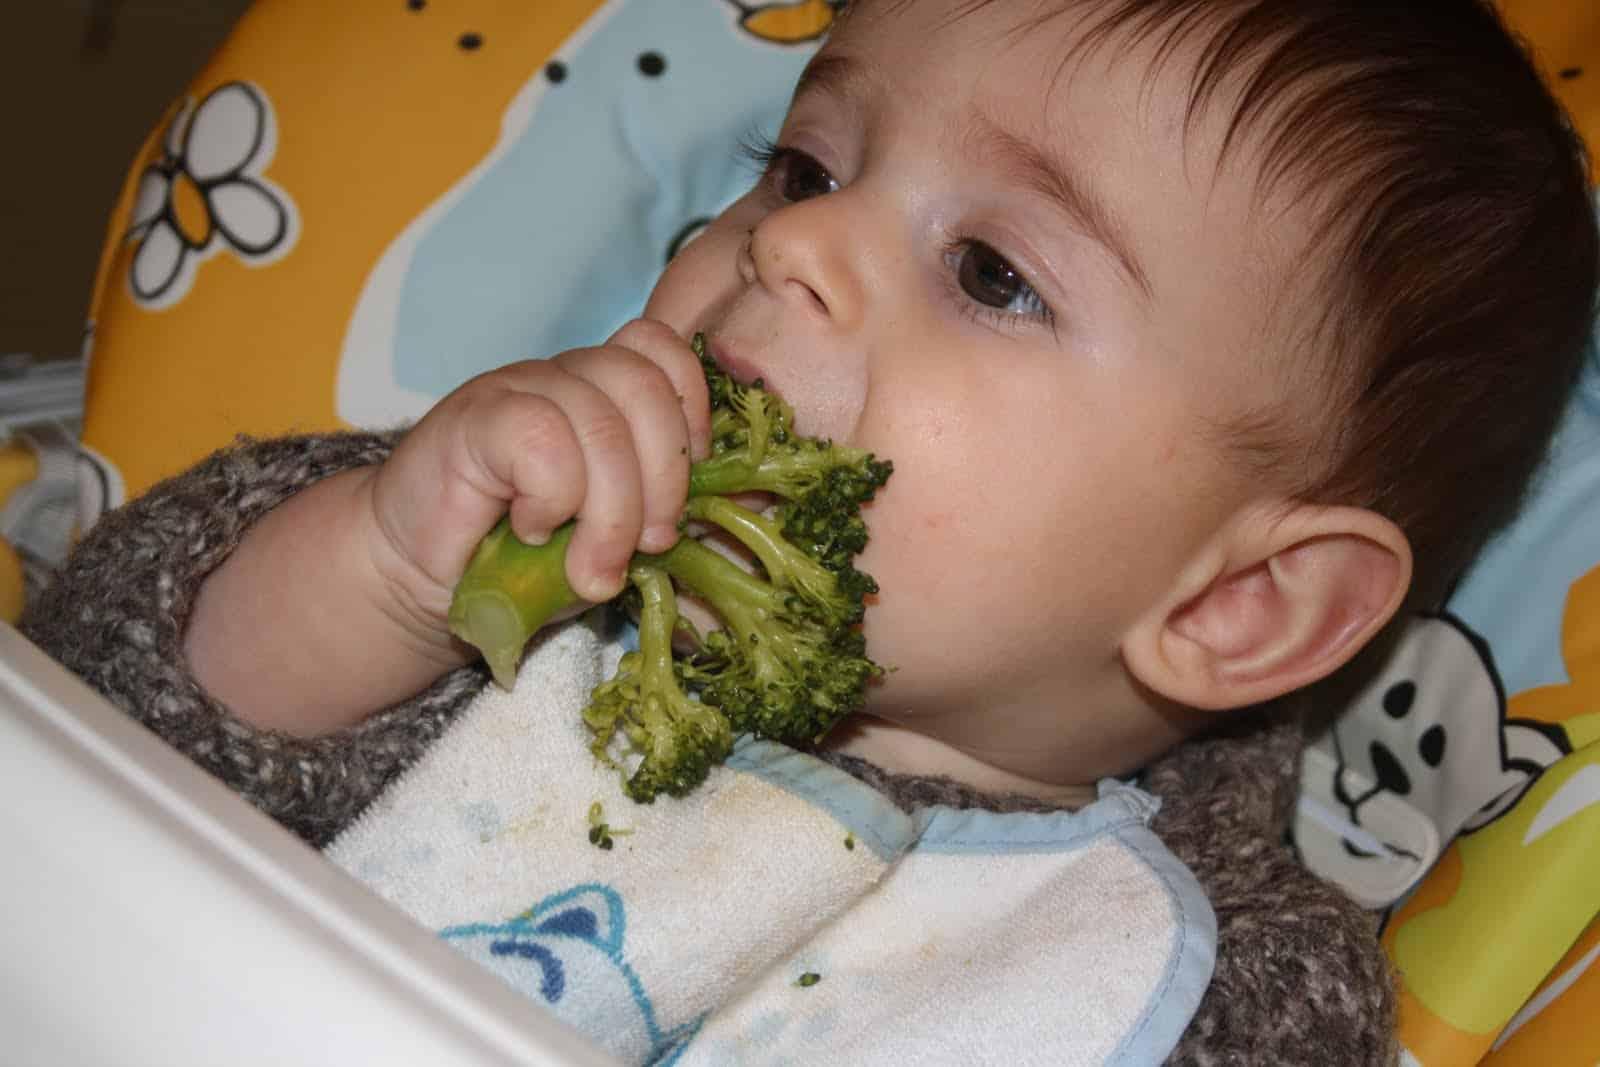 bambino 7 mesi svezzamento broccolo